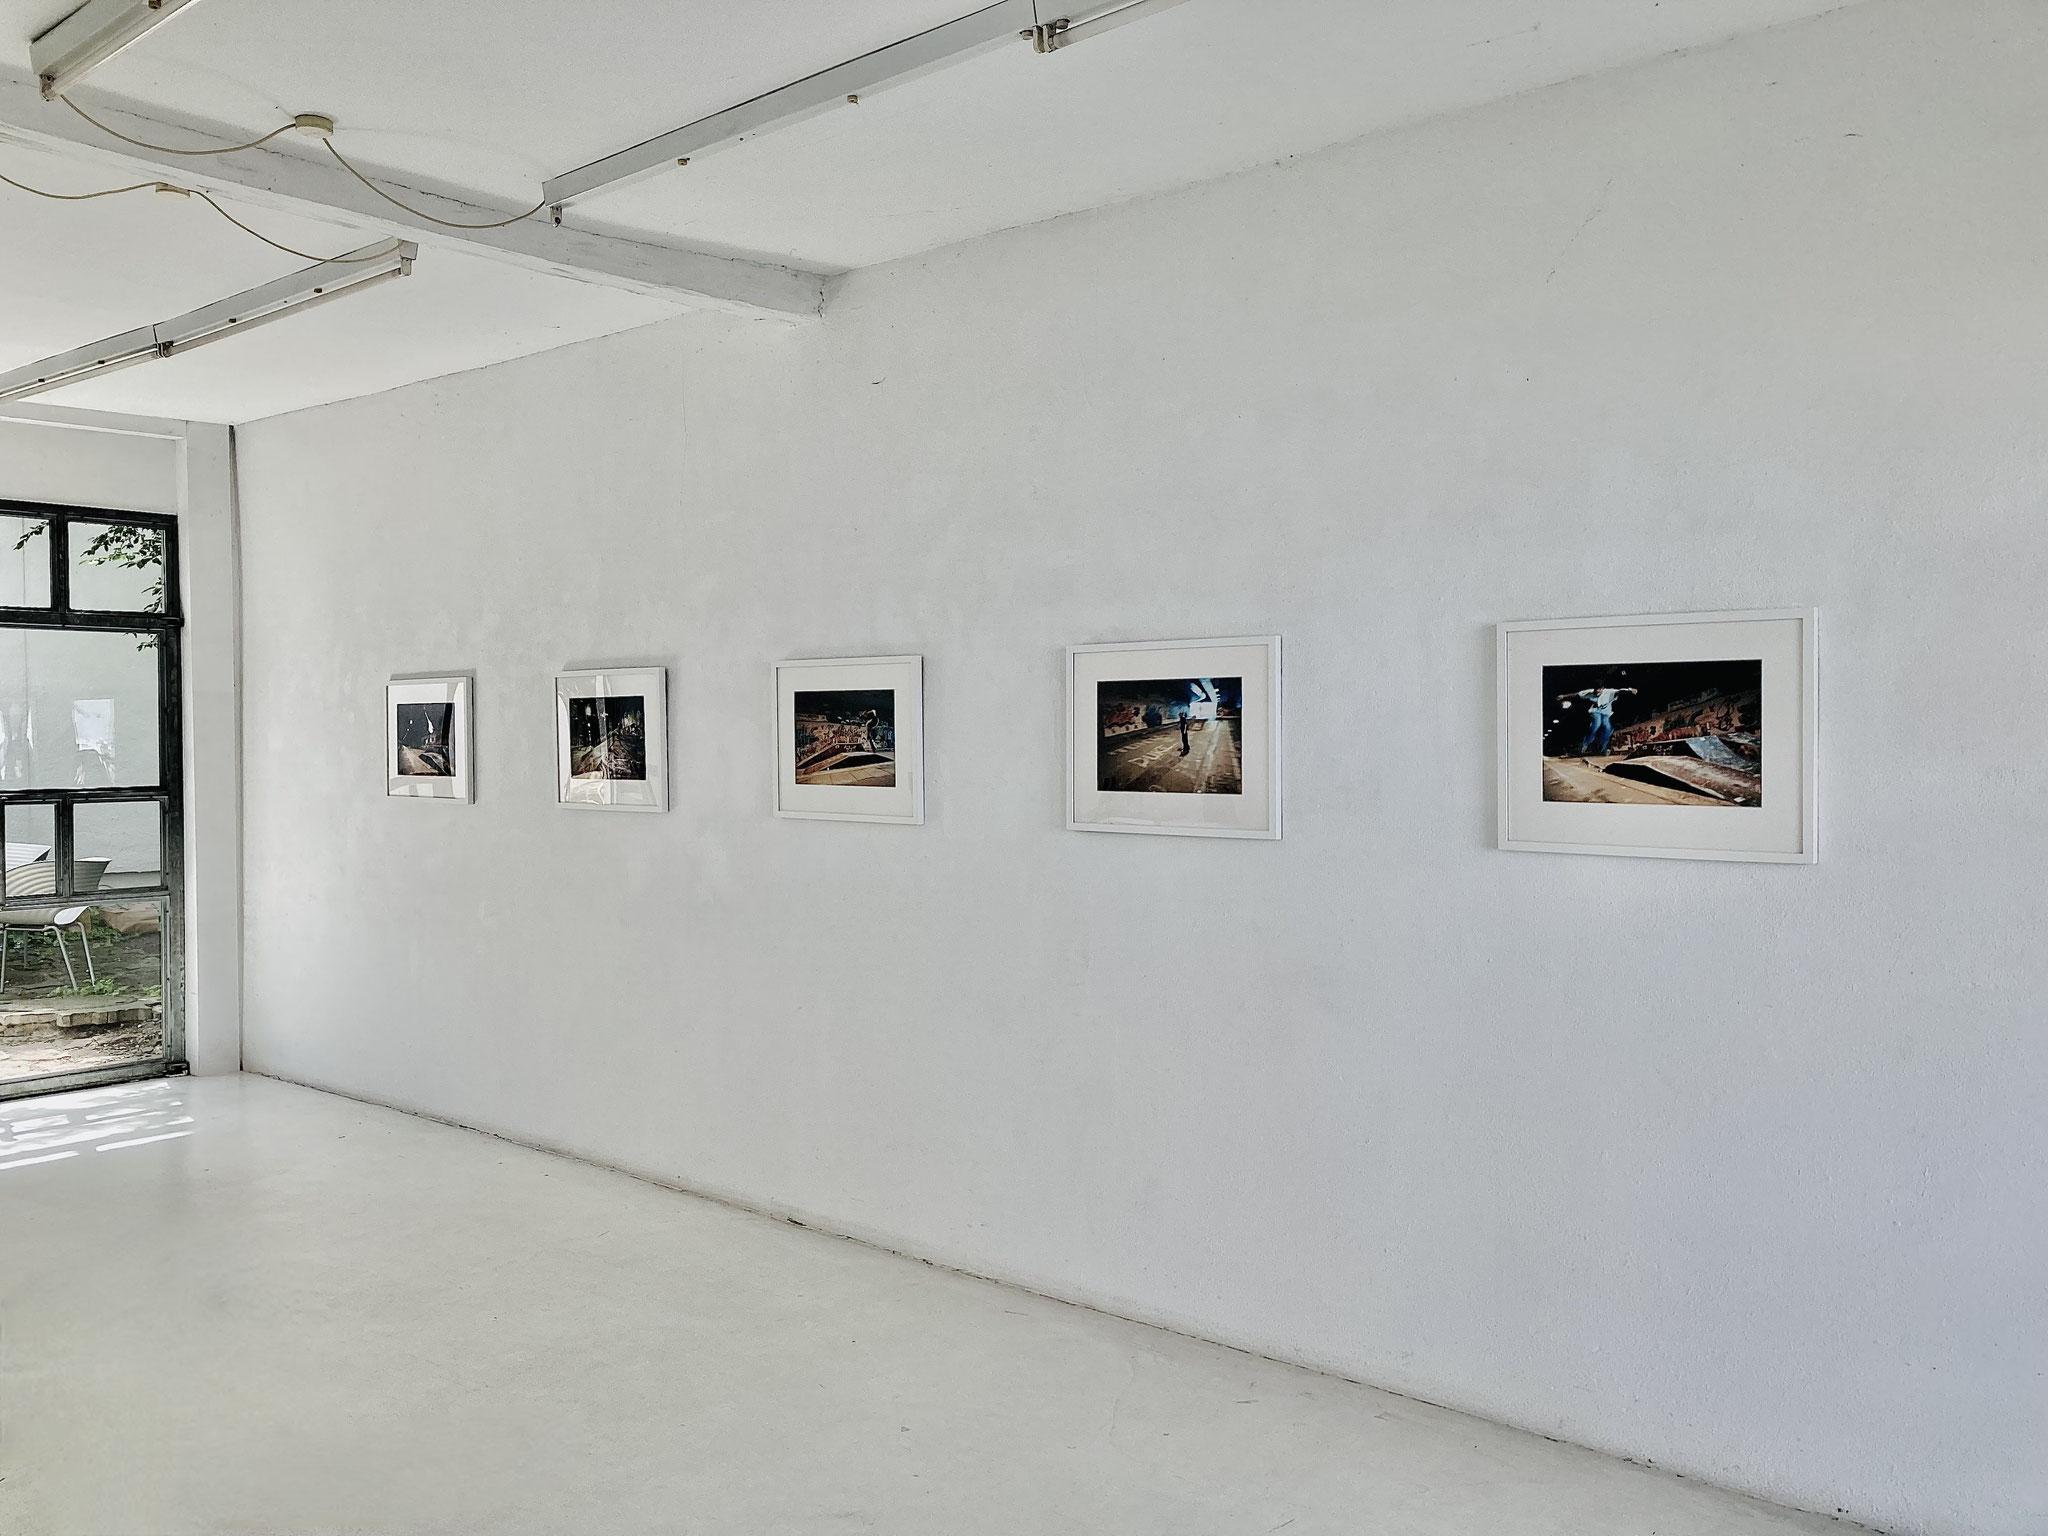 © Uwe H. Seyl exhibition view Room 1, Brigitte March Stuttgart 2021